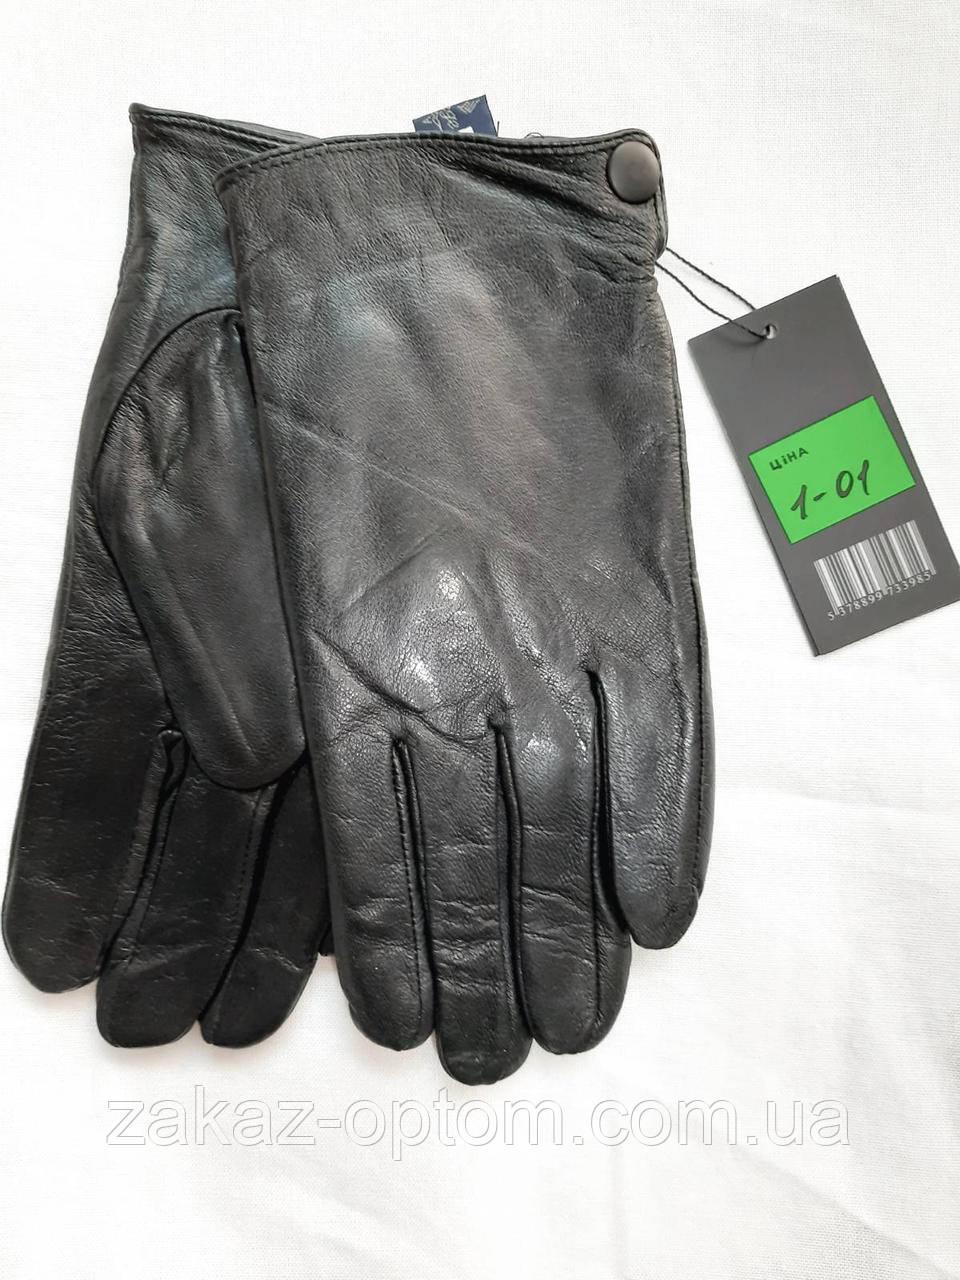 Мужские перчатки оптом кожа внутри плюшевая махра(10,5-12,5)Румыния 1-01-63220